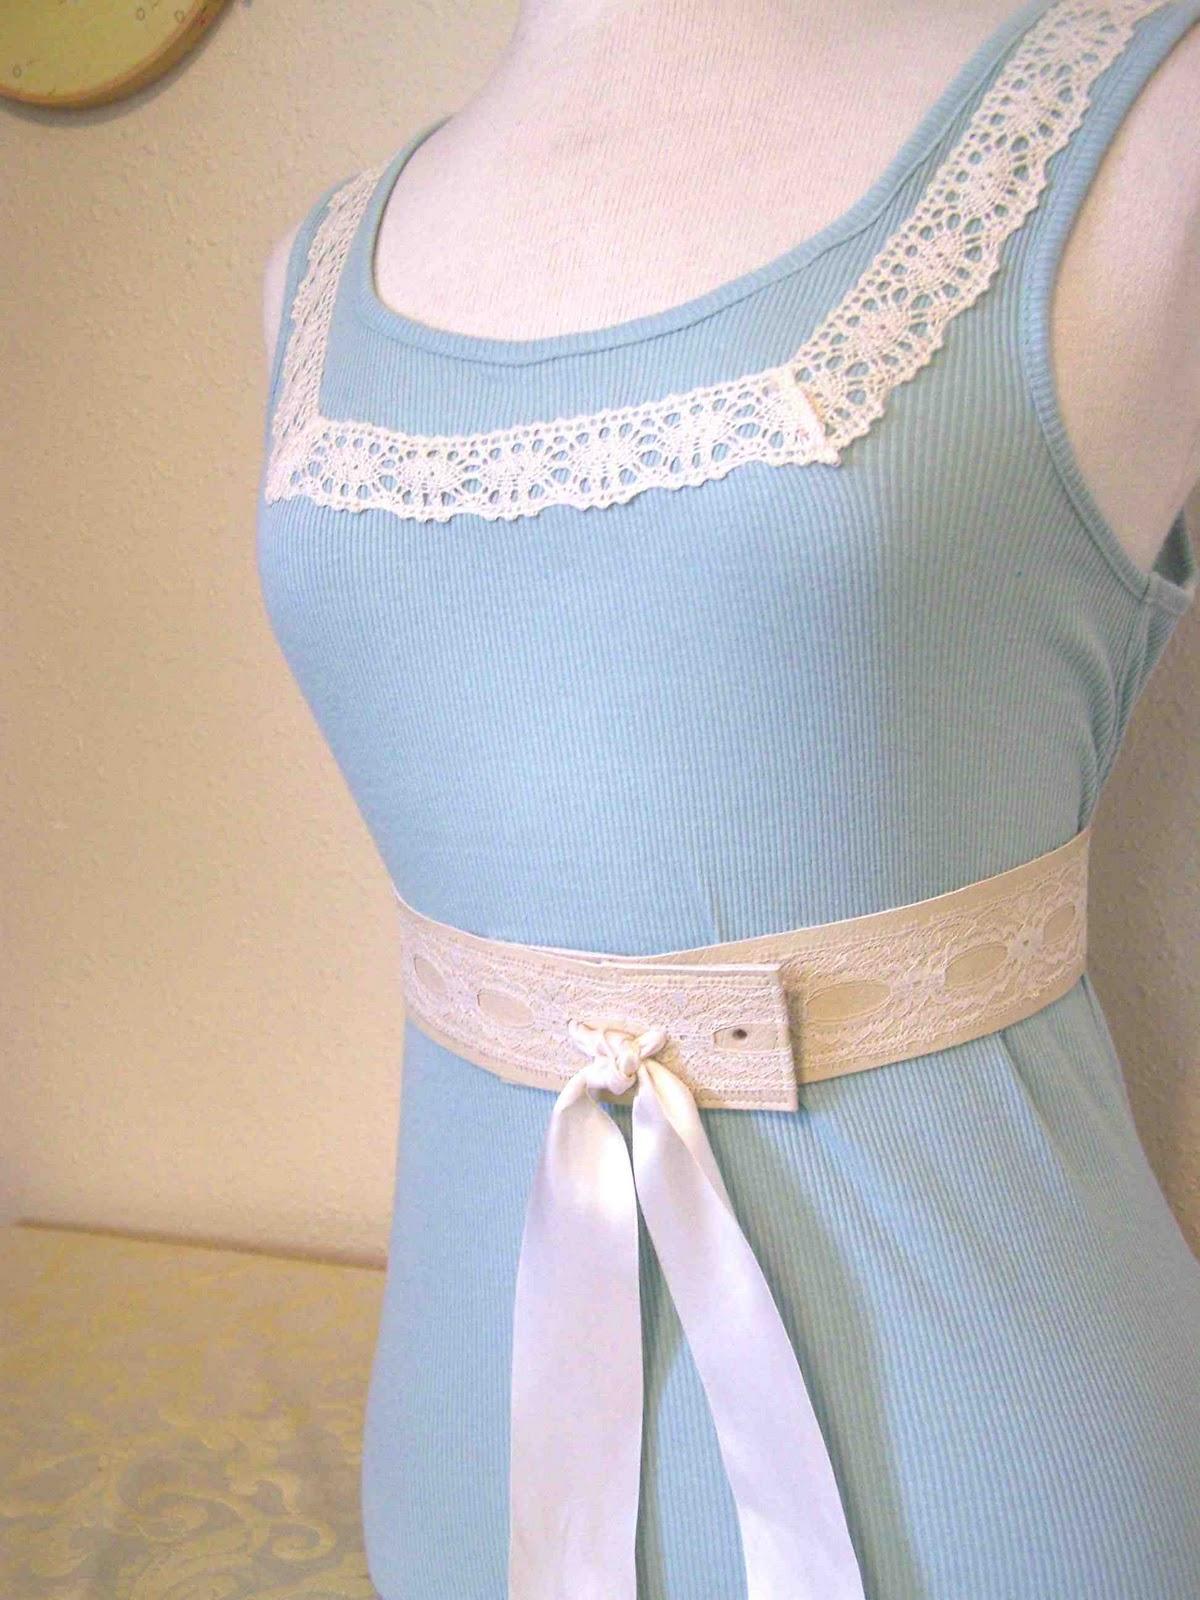 Пояс для платья своими руками из ткани: как сшить с фото и видео 25